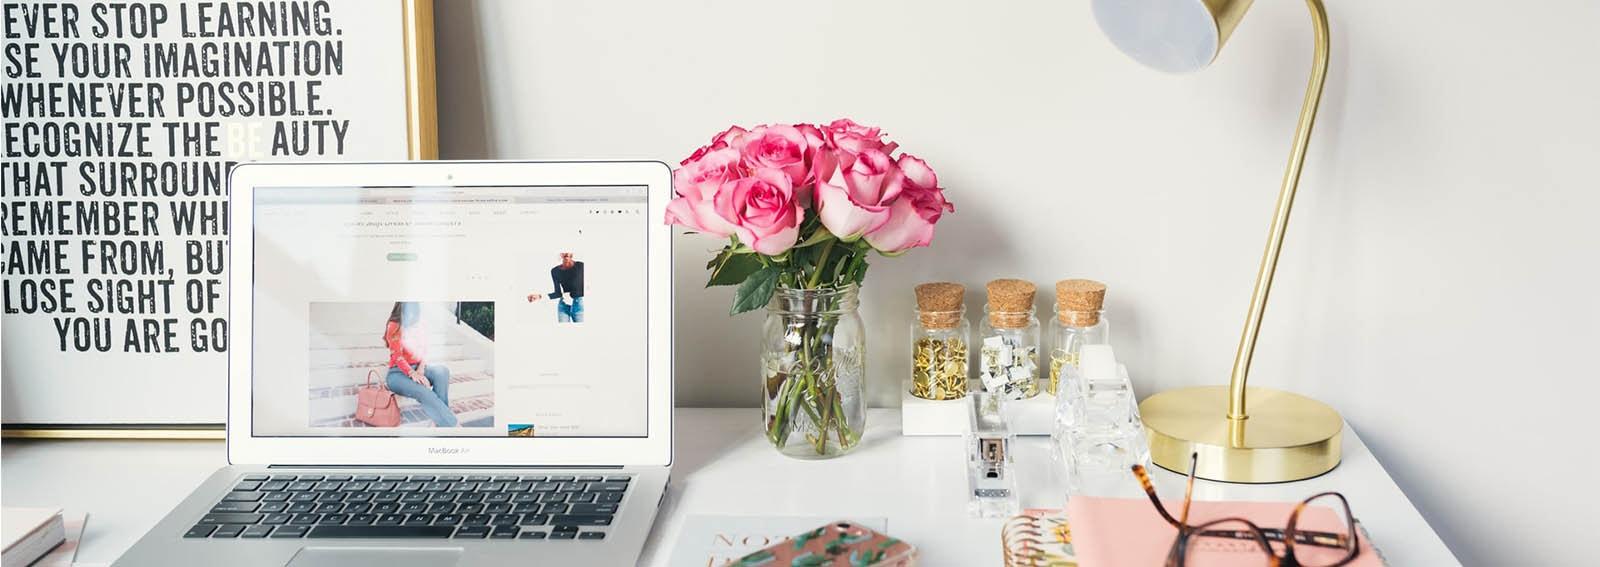 Come organizzare la perfetta postazione lavoro a casa cover desktop